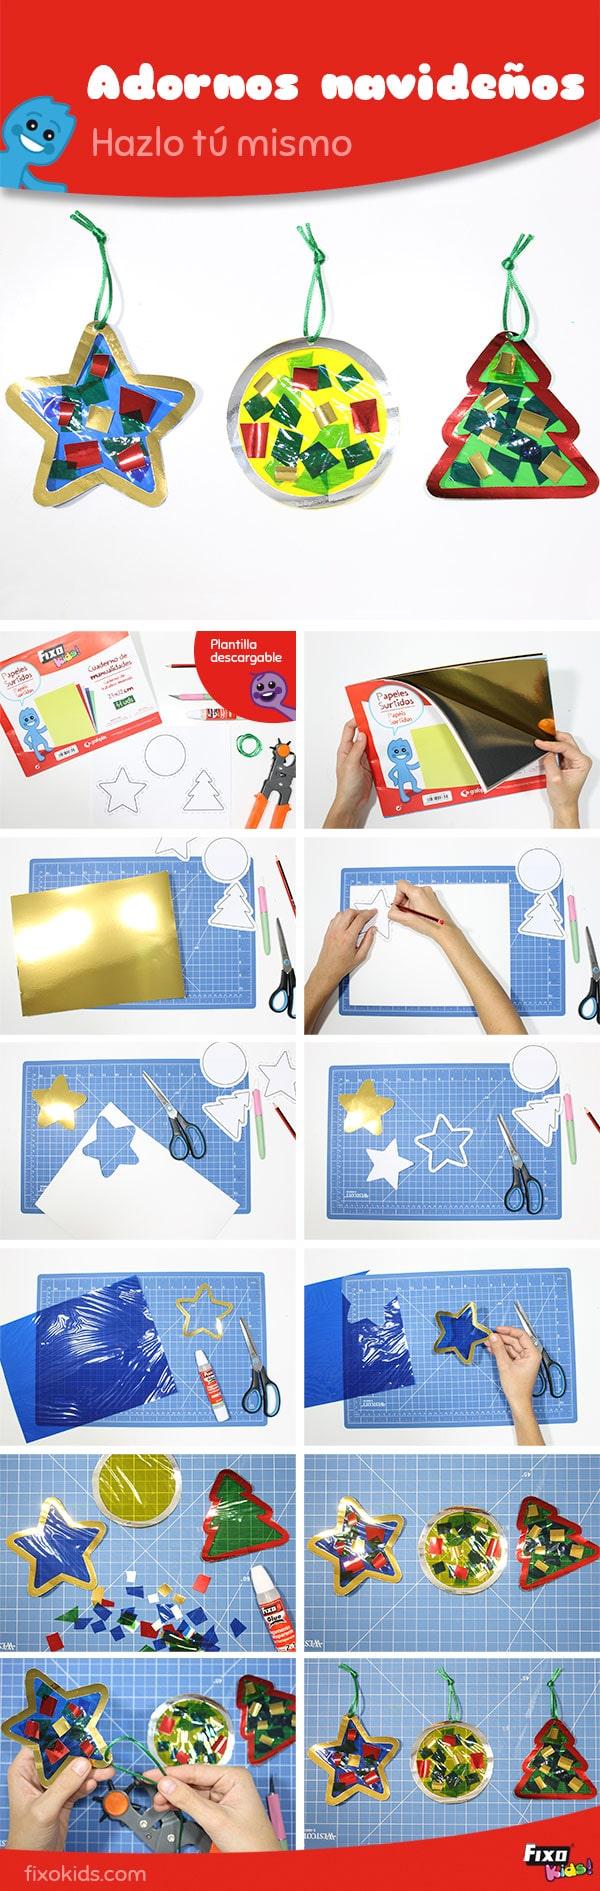 tutorial para hacer adornos navideños para niños fáciles con el cuaderno de manualidades Fixo Kids